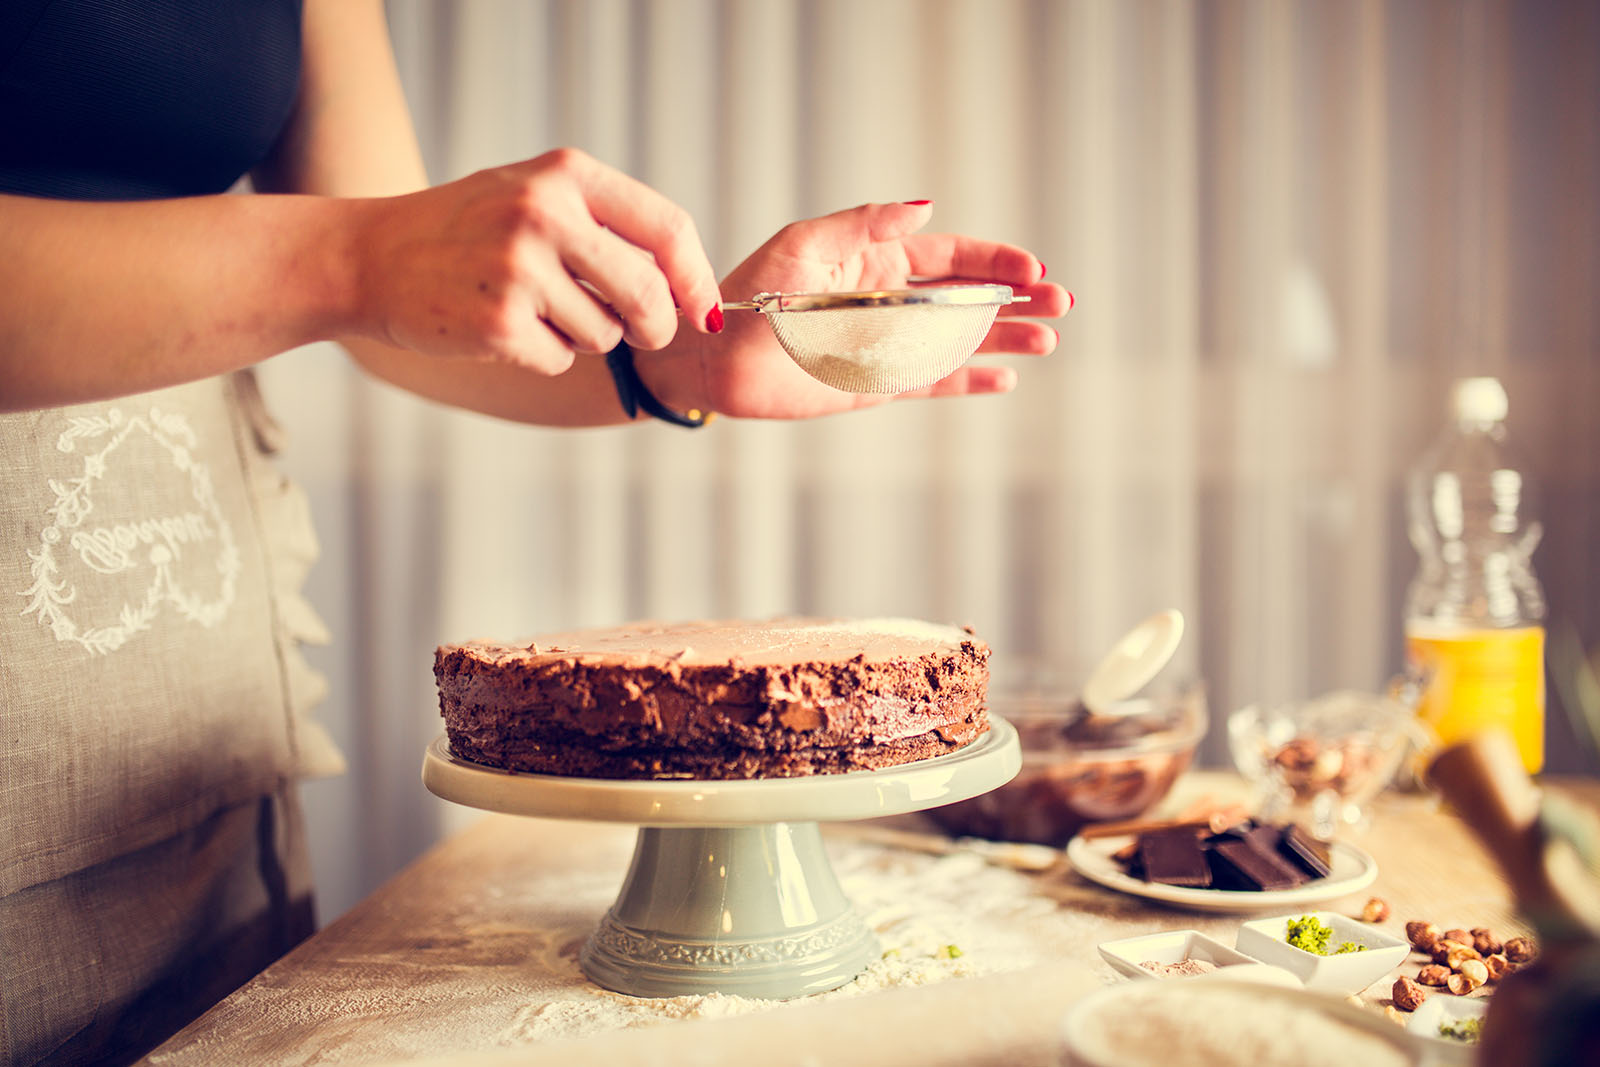 Idee Per Decorare Una Torta idee facili per decorare una torta   sale&pepe